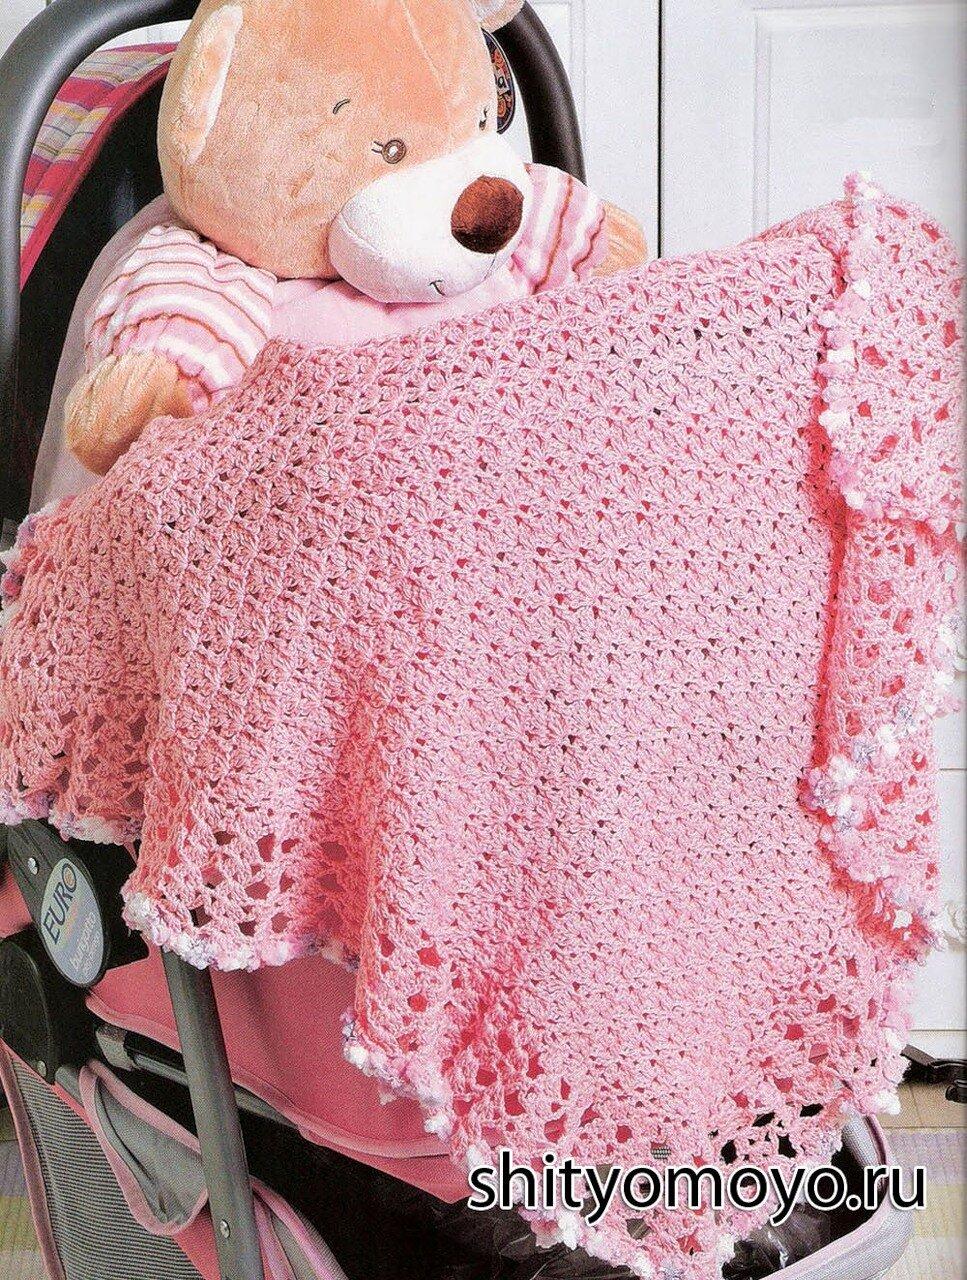 """Детский плед связан крючком из хлопковой пряжи розового цвета узором  """"веер """".  Украшает плед ажурная оборка и обвязка..."""